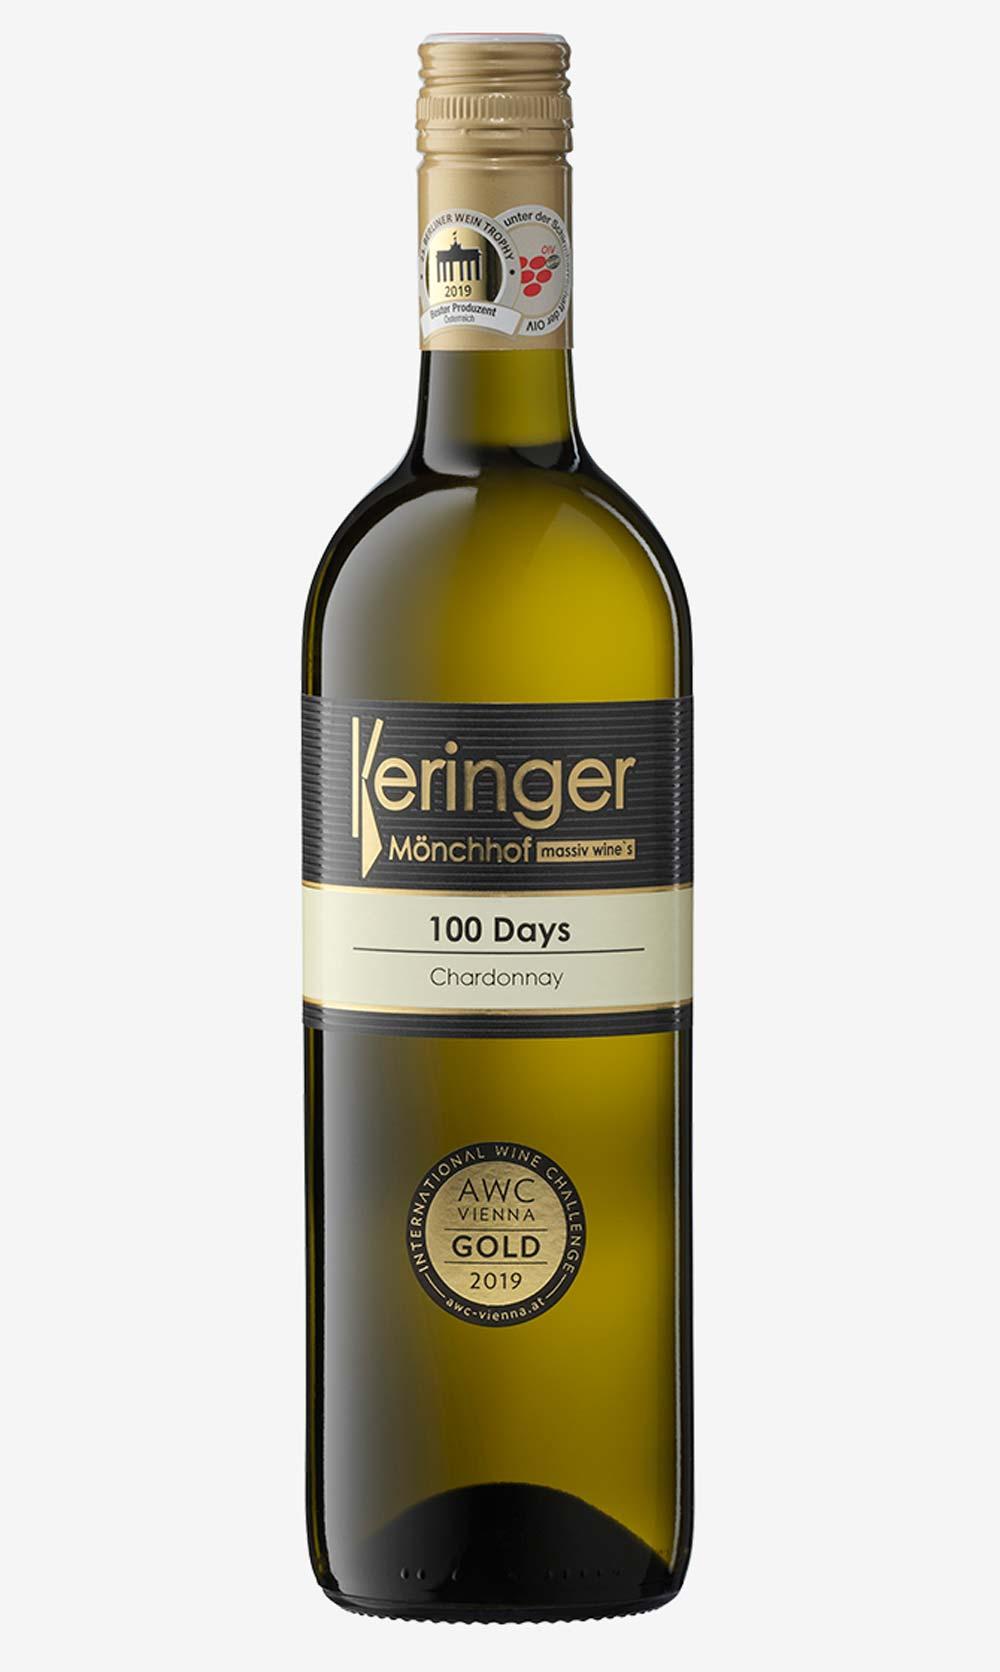 100 Days Chardonnay Weinflasche Keringer